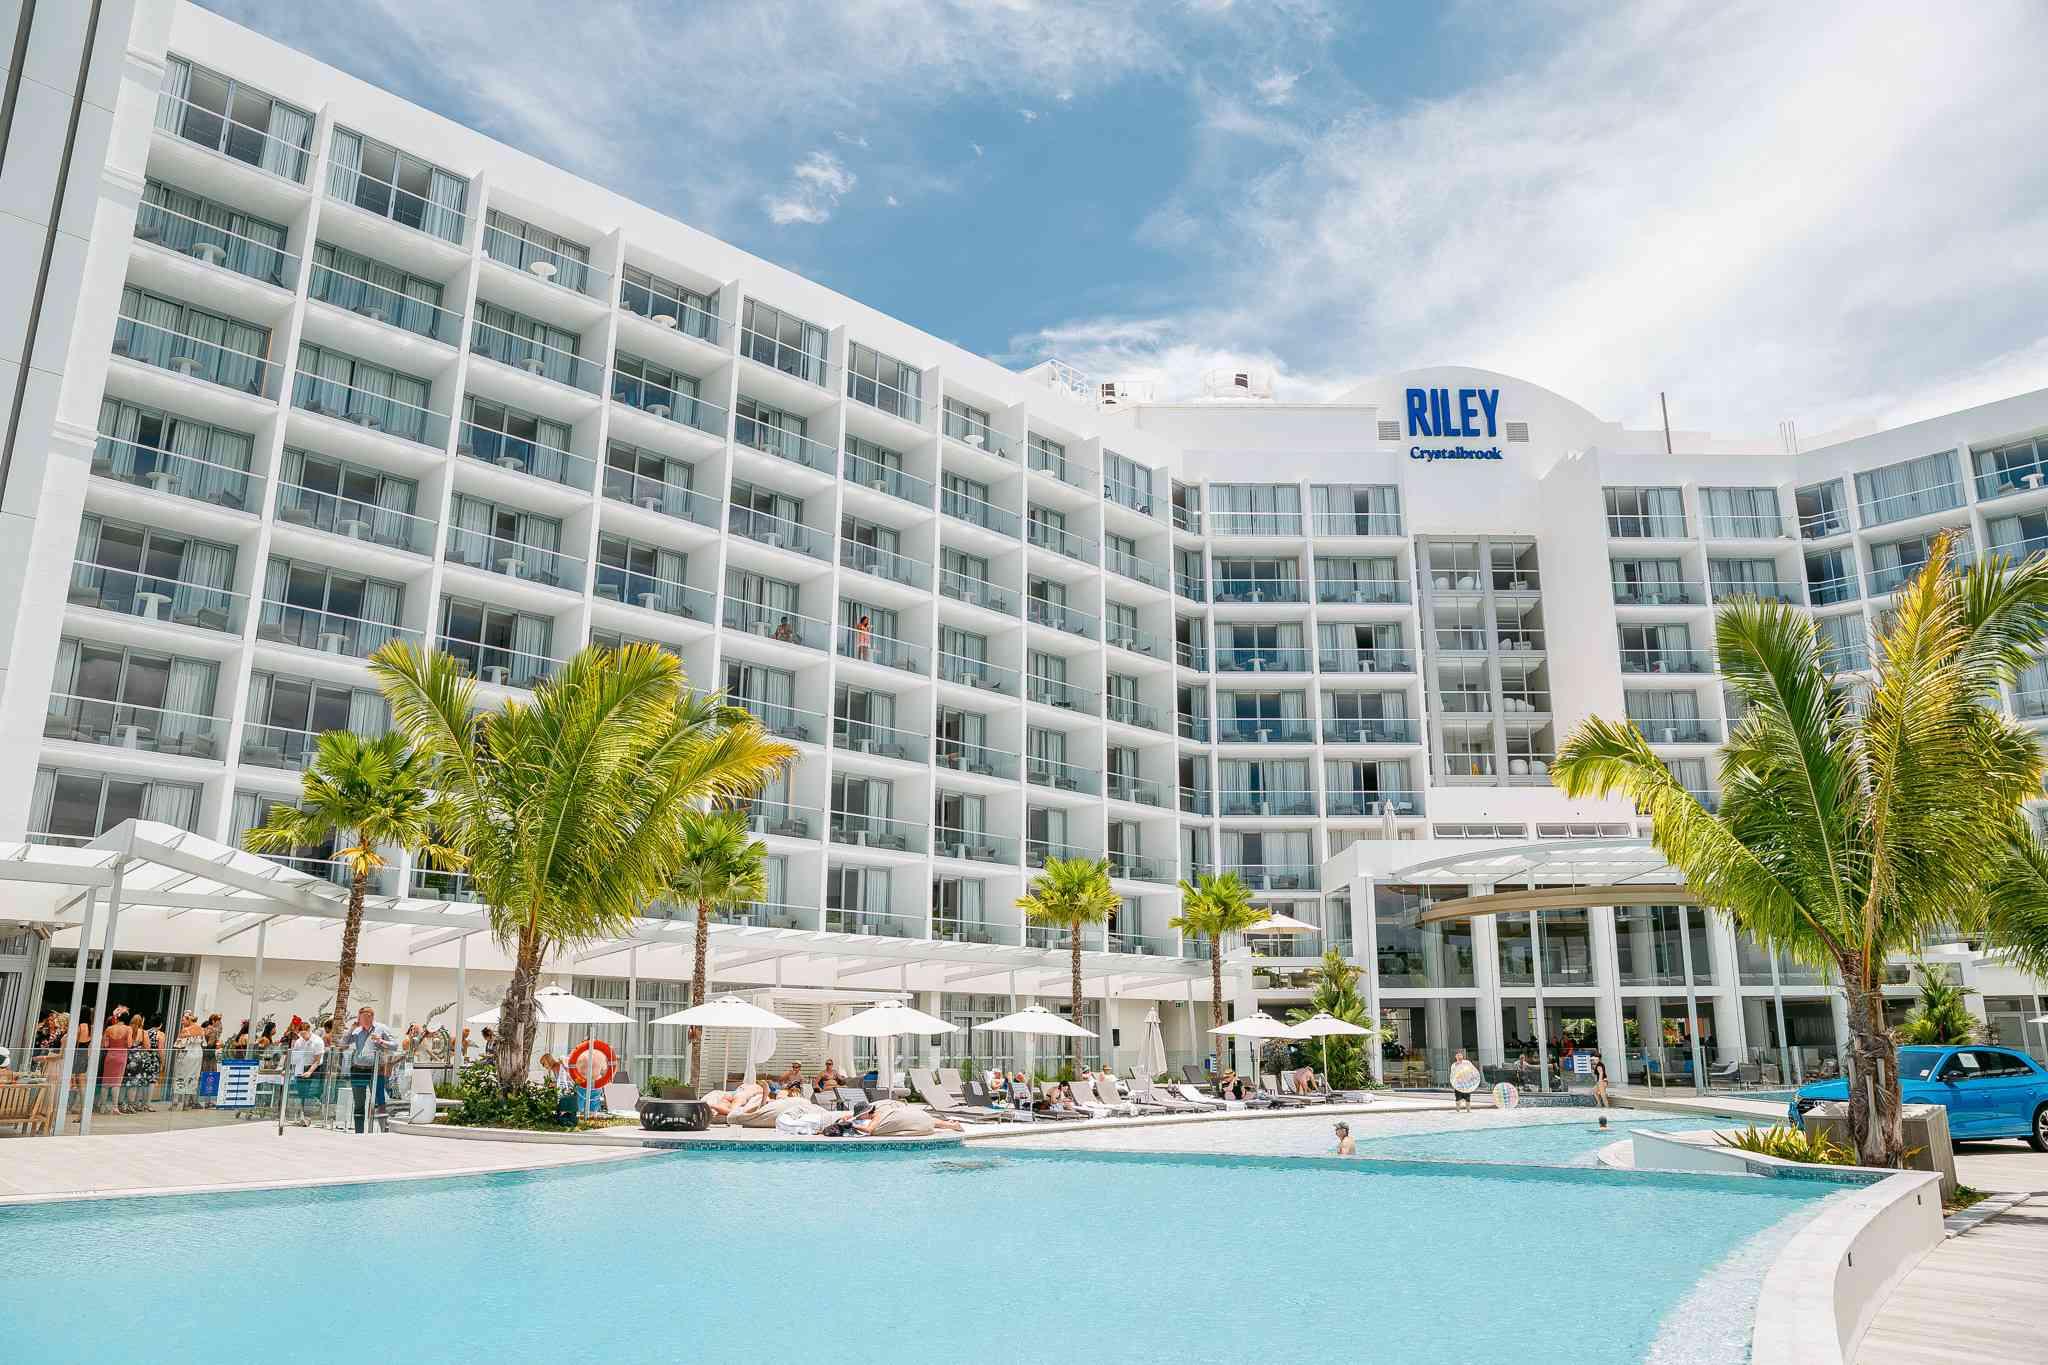 Área de piscina del Riley Resort con palmeras verdes